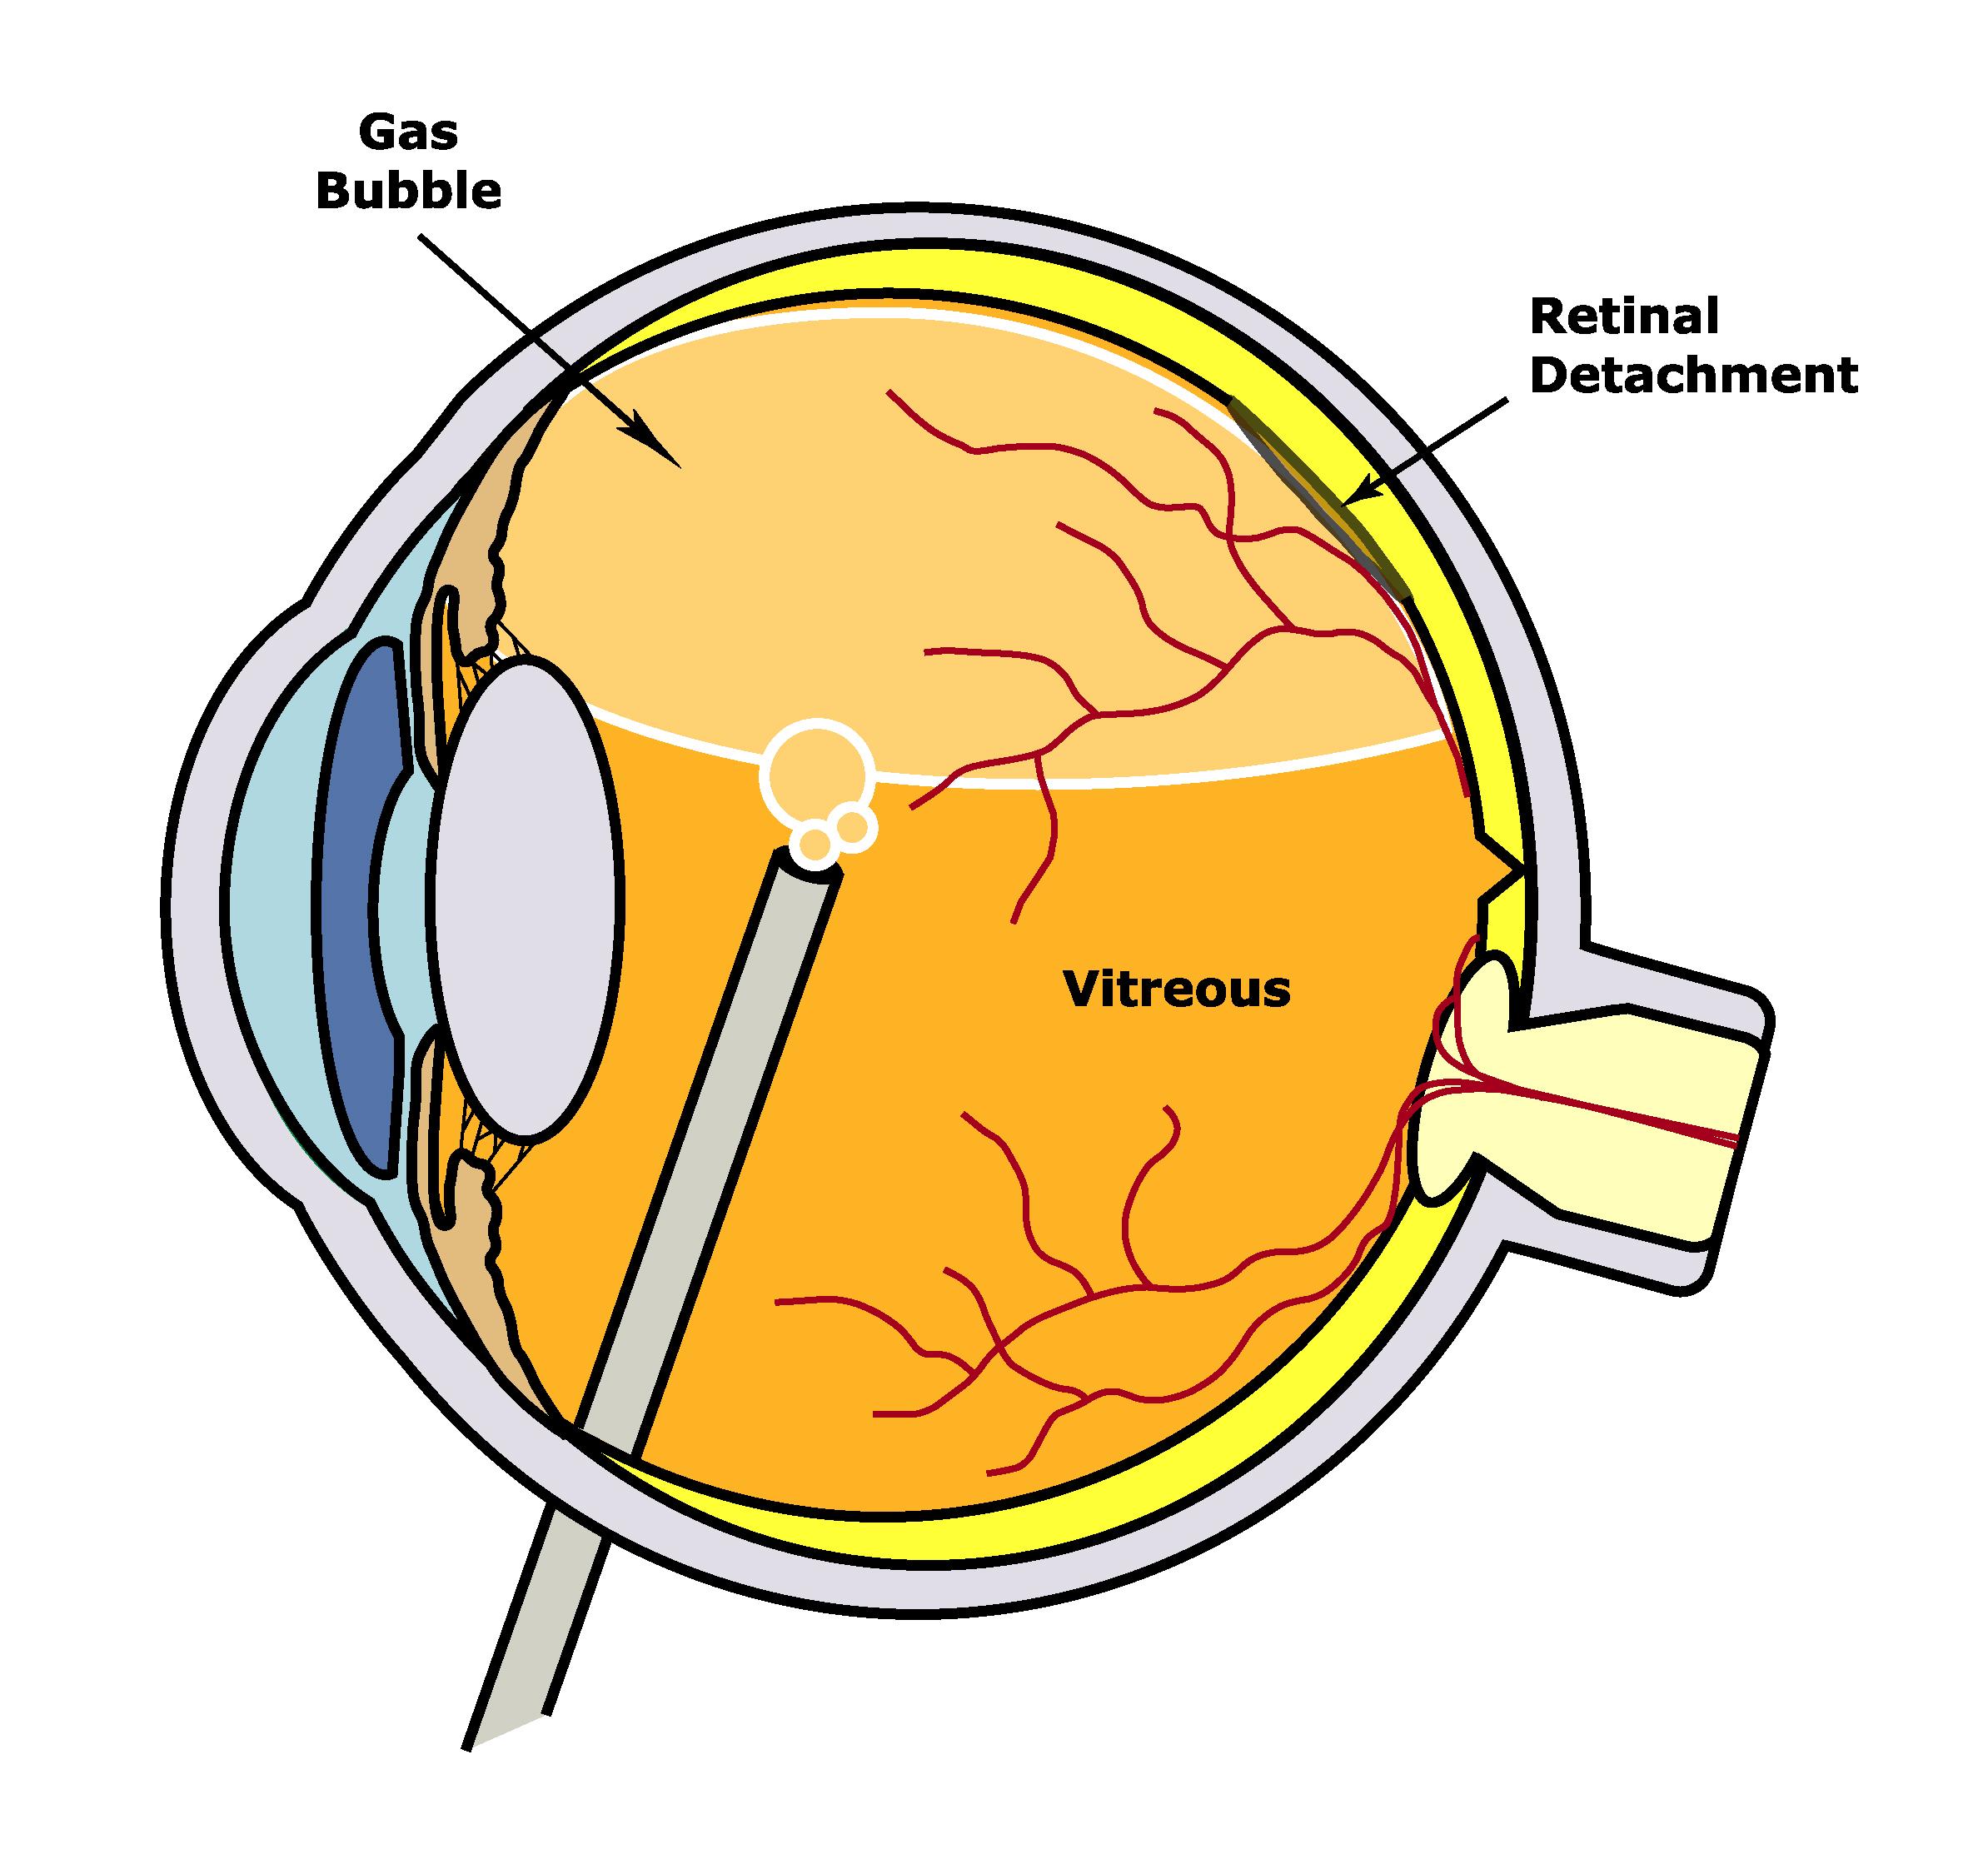 pneumatic retinopexy.jpg